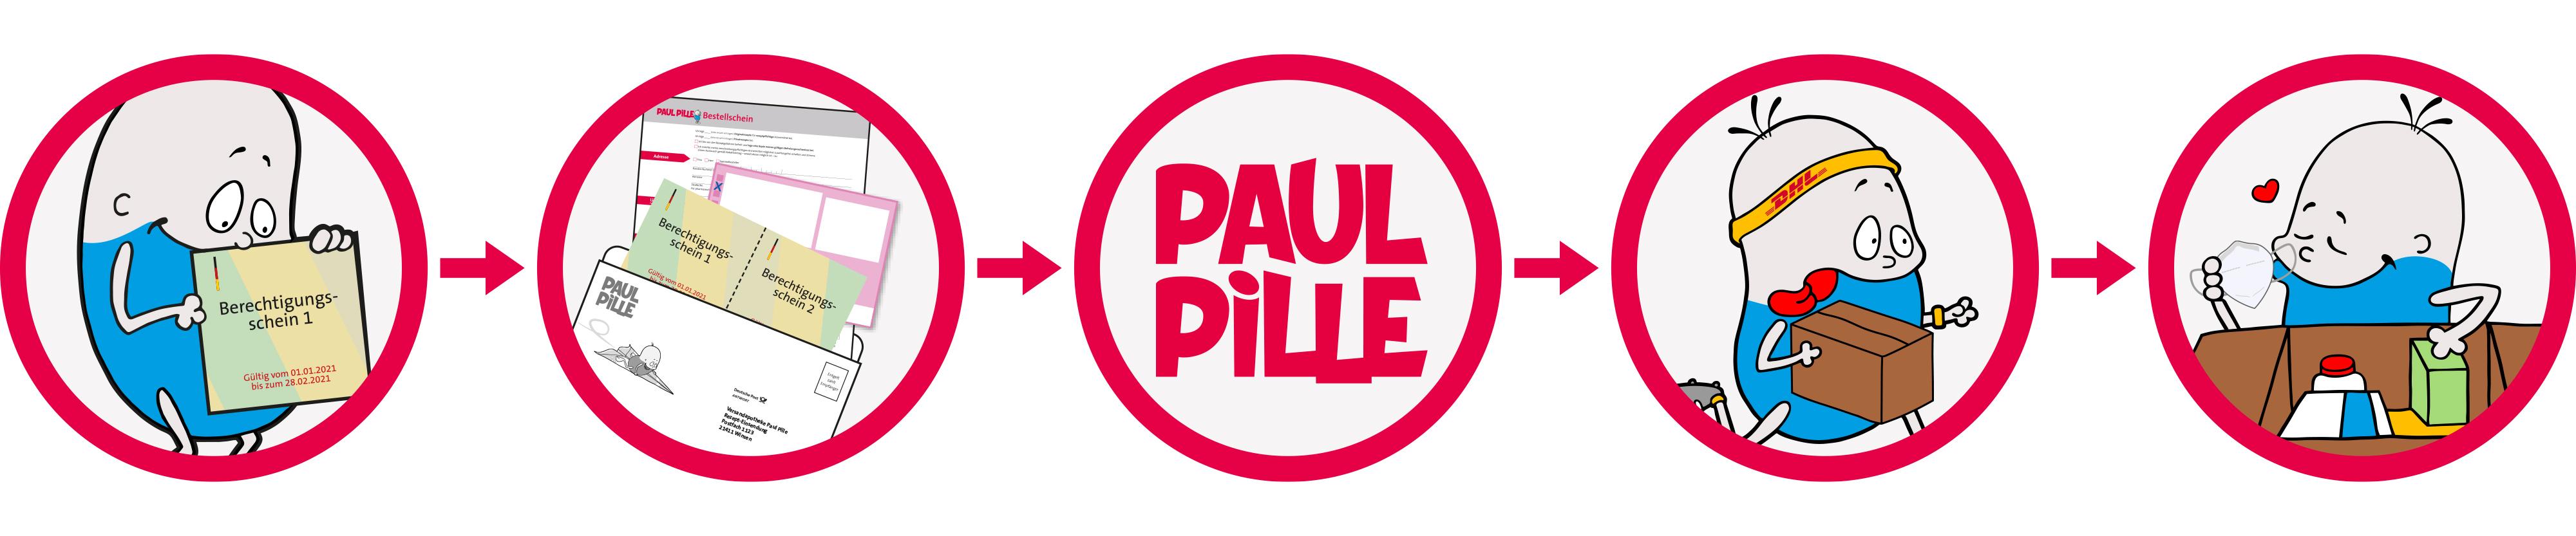 Paul Pille - Ablauf Berechtigungsscheine